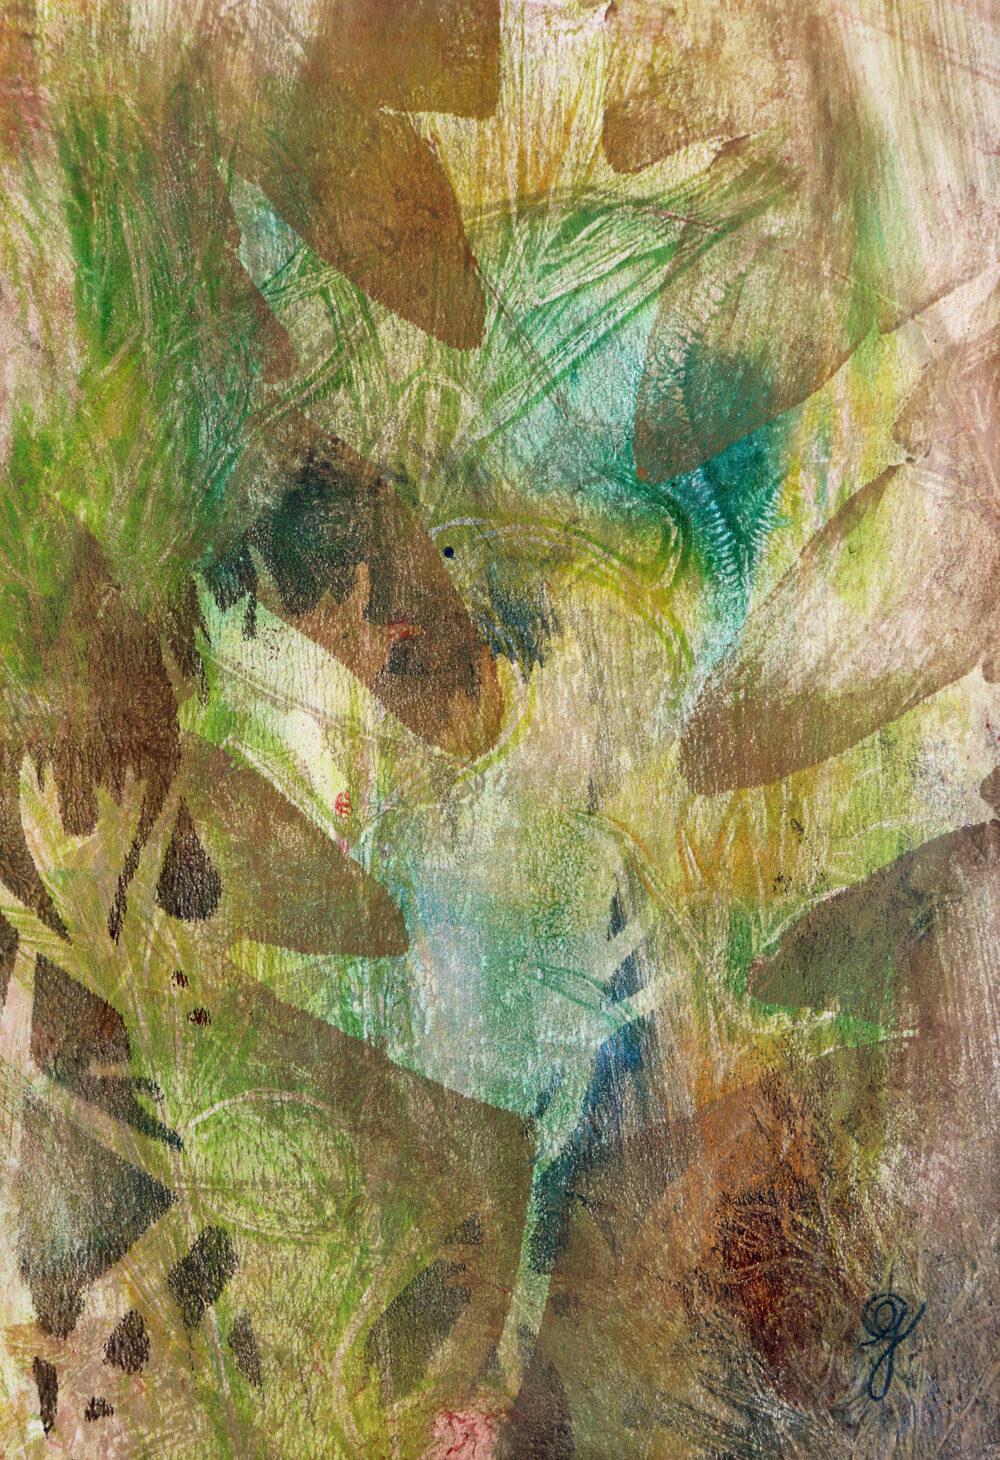 simplicité-volontaire-abstrait-botanique-artiste-peintre-carine-genadry